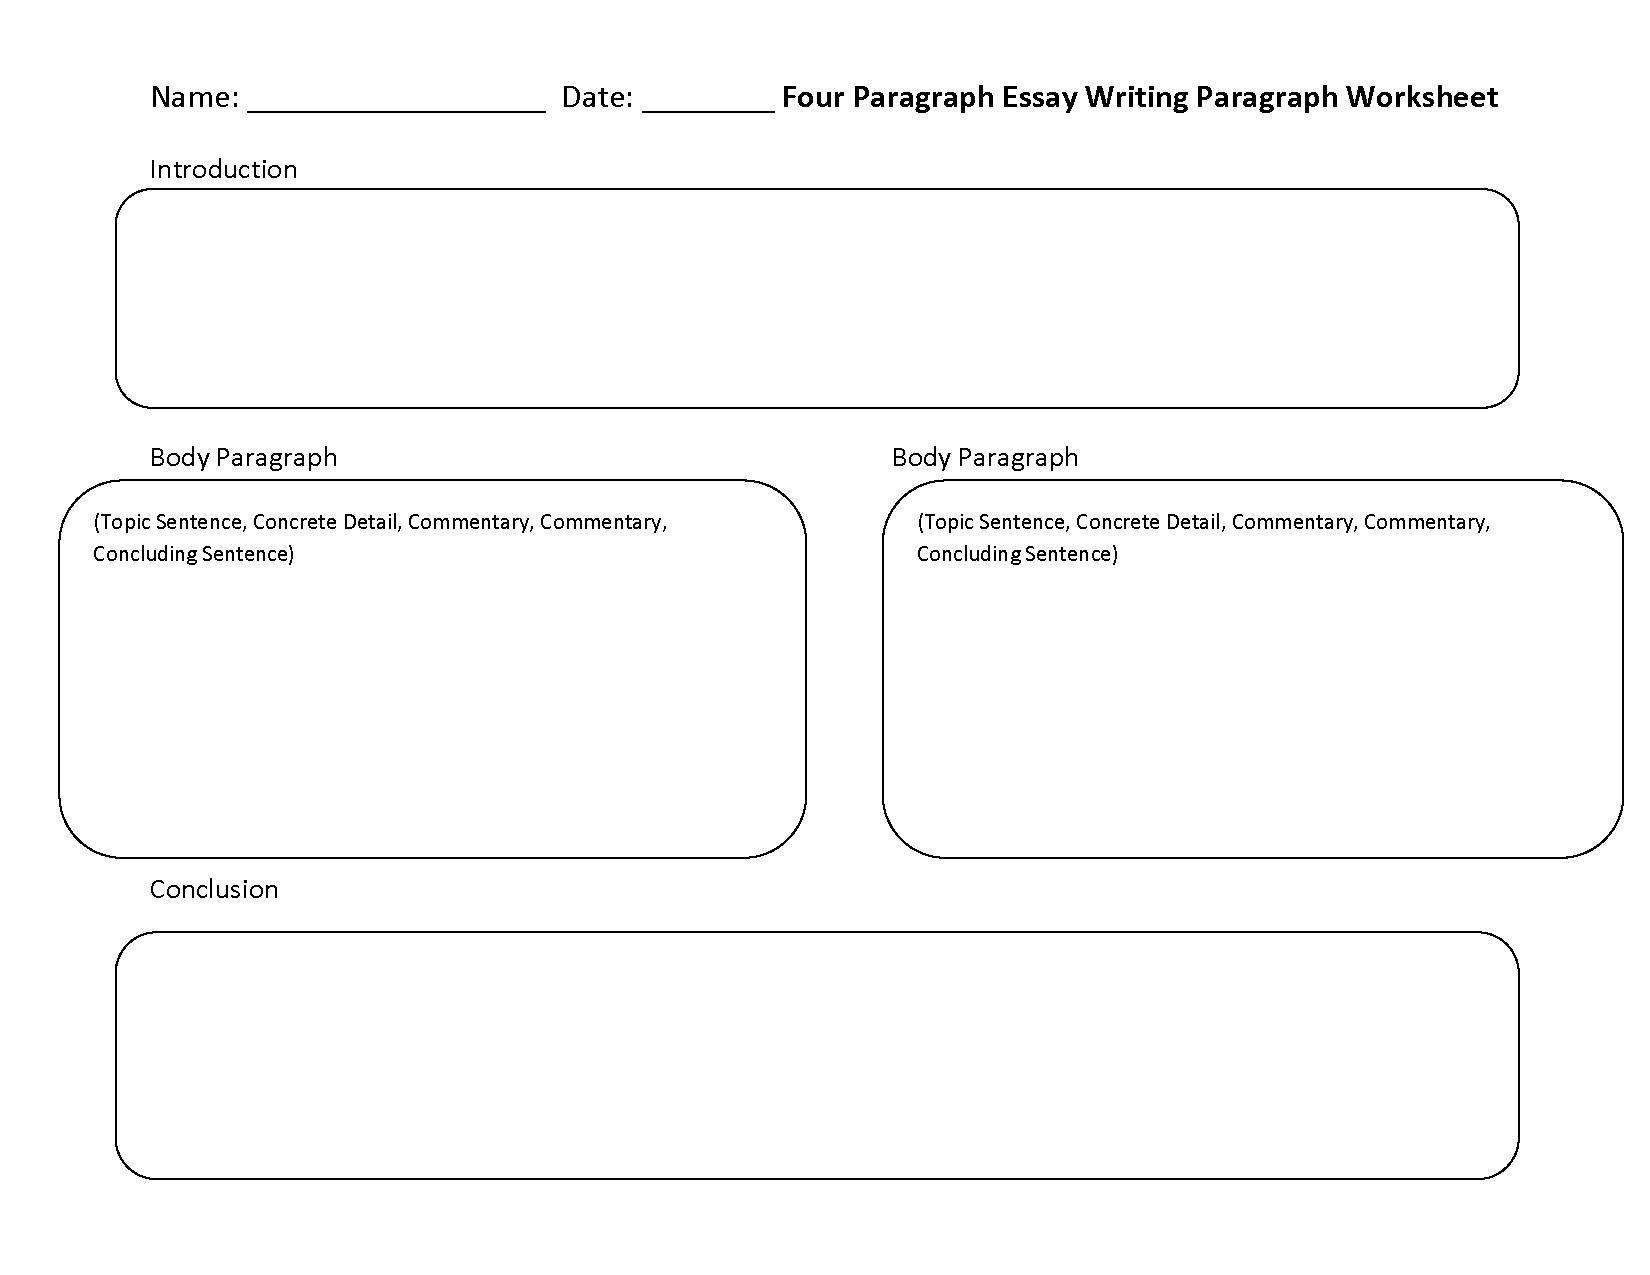 Writing Worksheets | Paragraph Writing Worksheets - 6Th Grade Writing Worksheets Printable Free